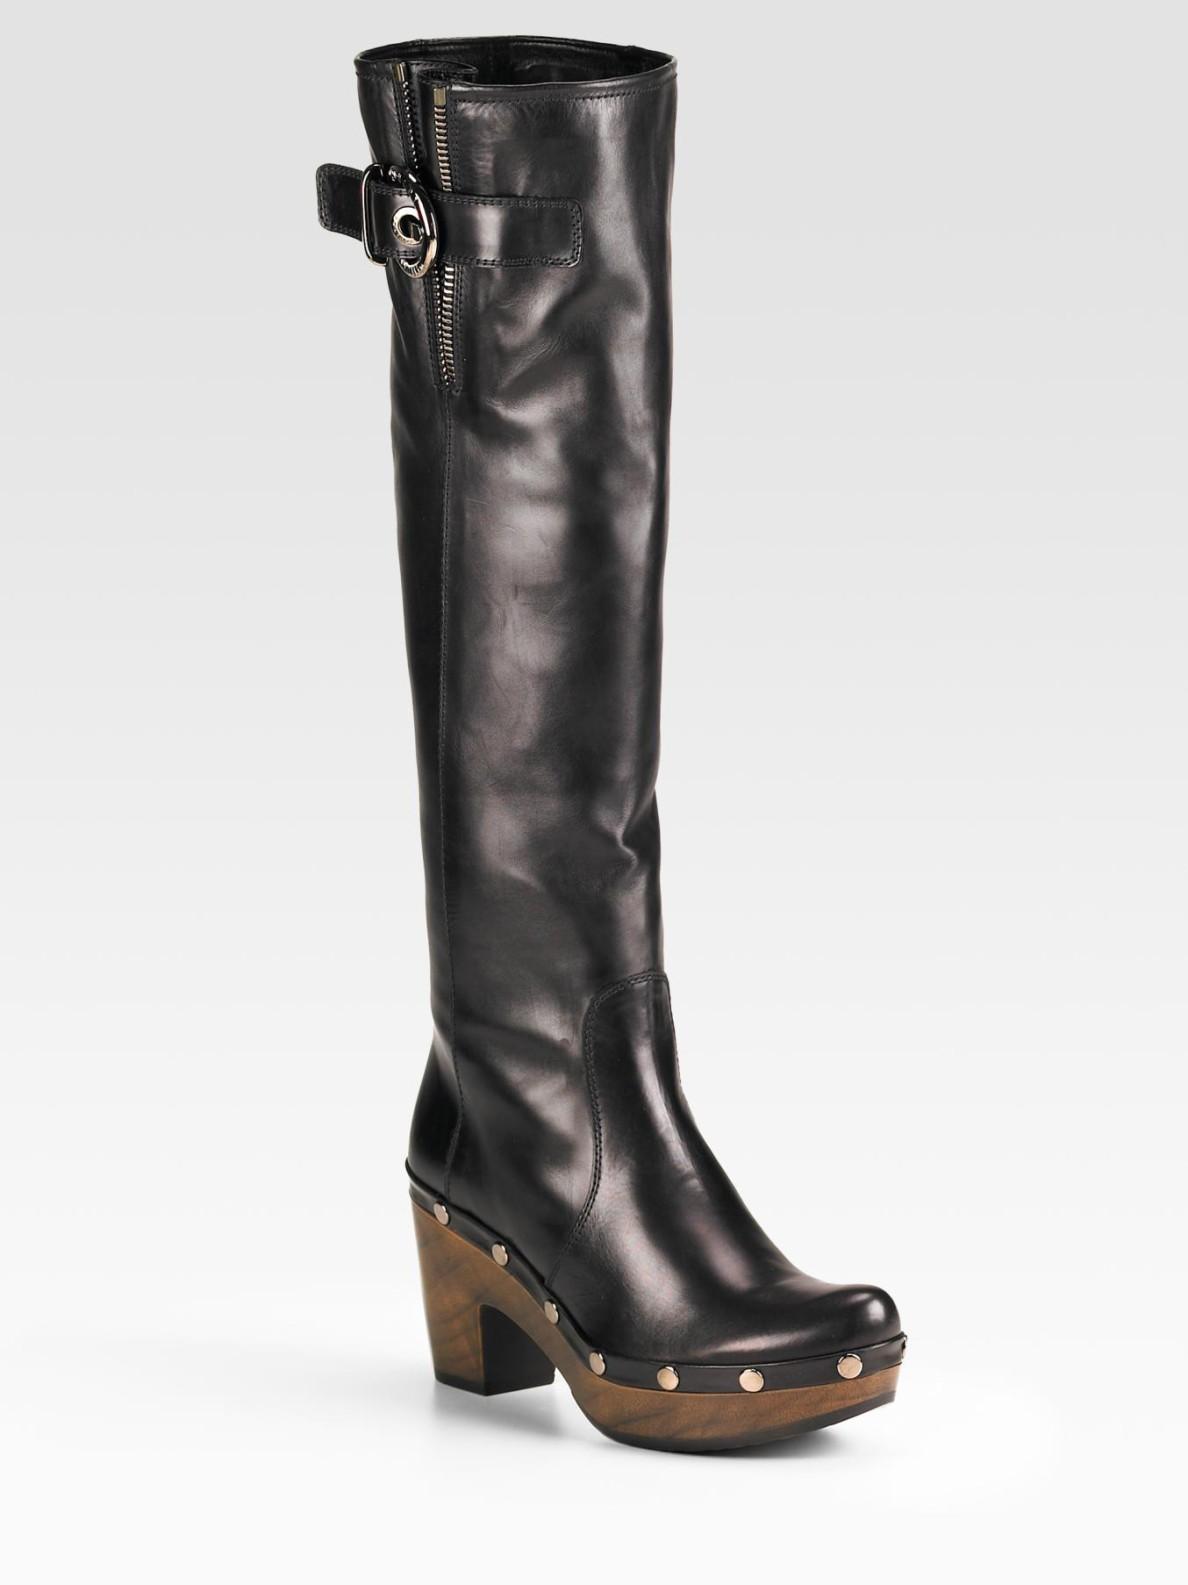 Stuart weitzman Tall Clog Boots in Black   Lyst